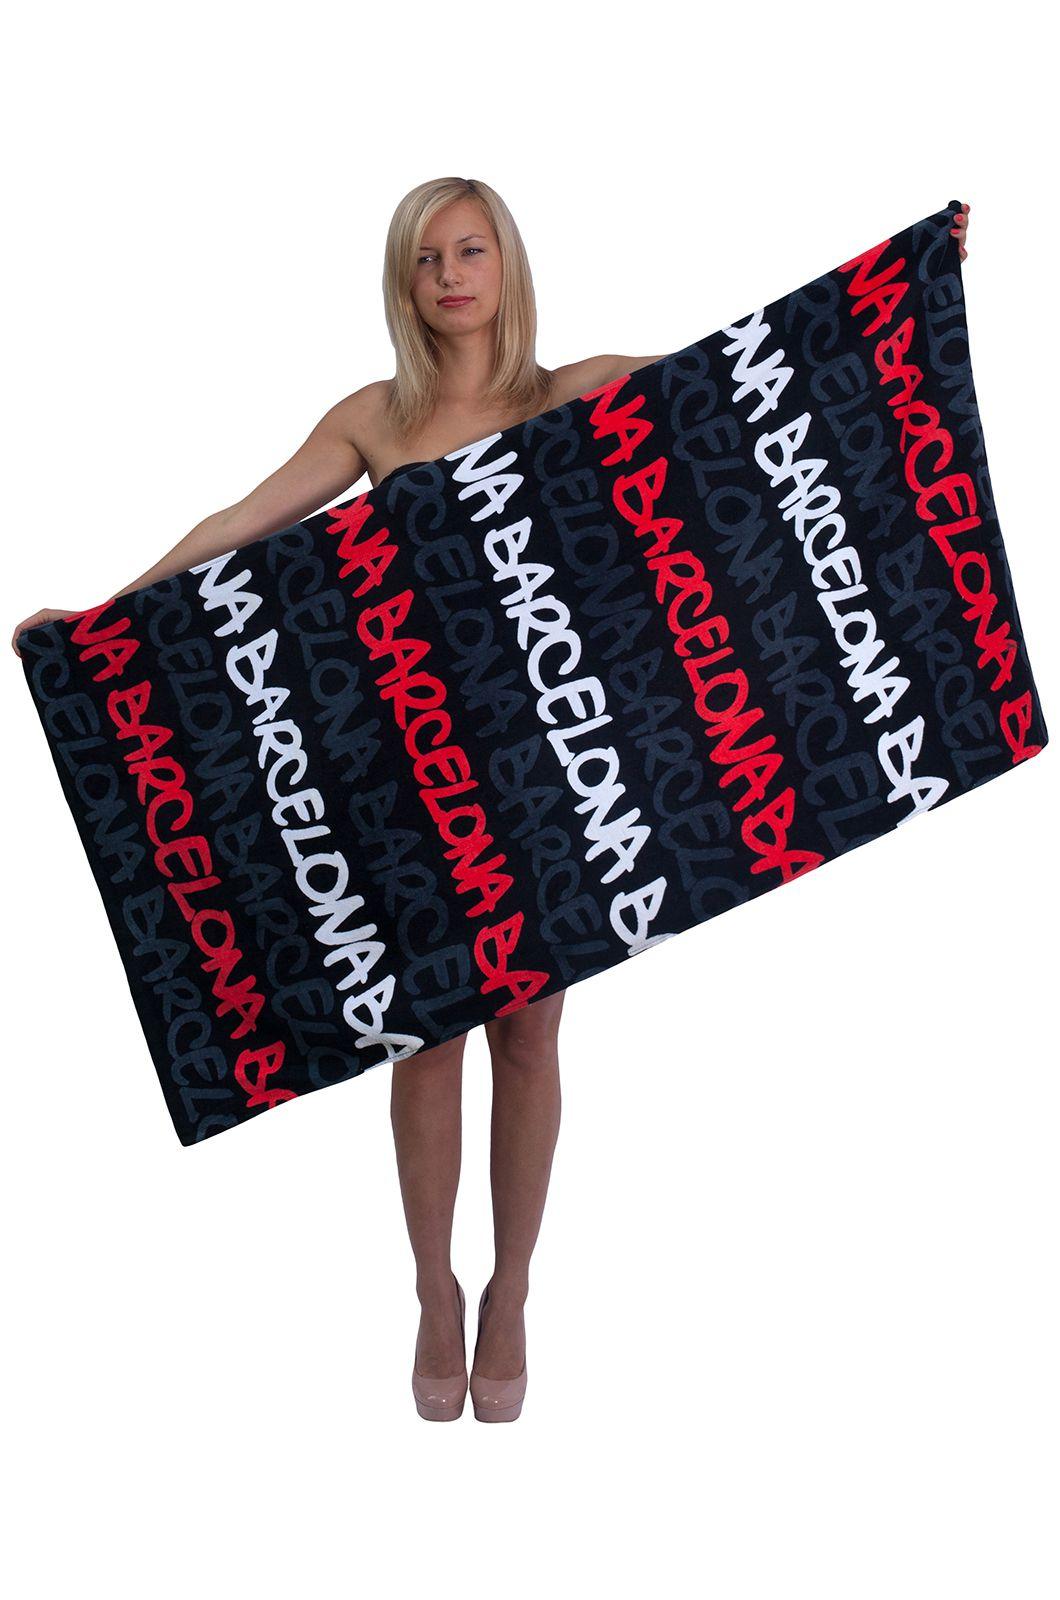 """Банное полотенце с надписью """"Barcelona"""" - купить недорого с доставкой"""